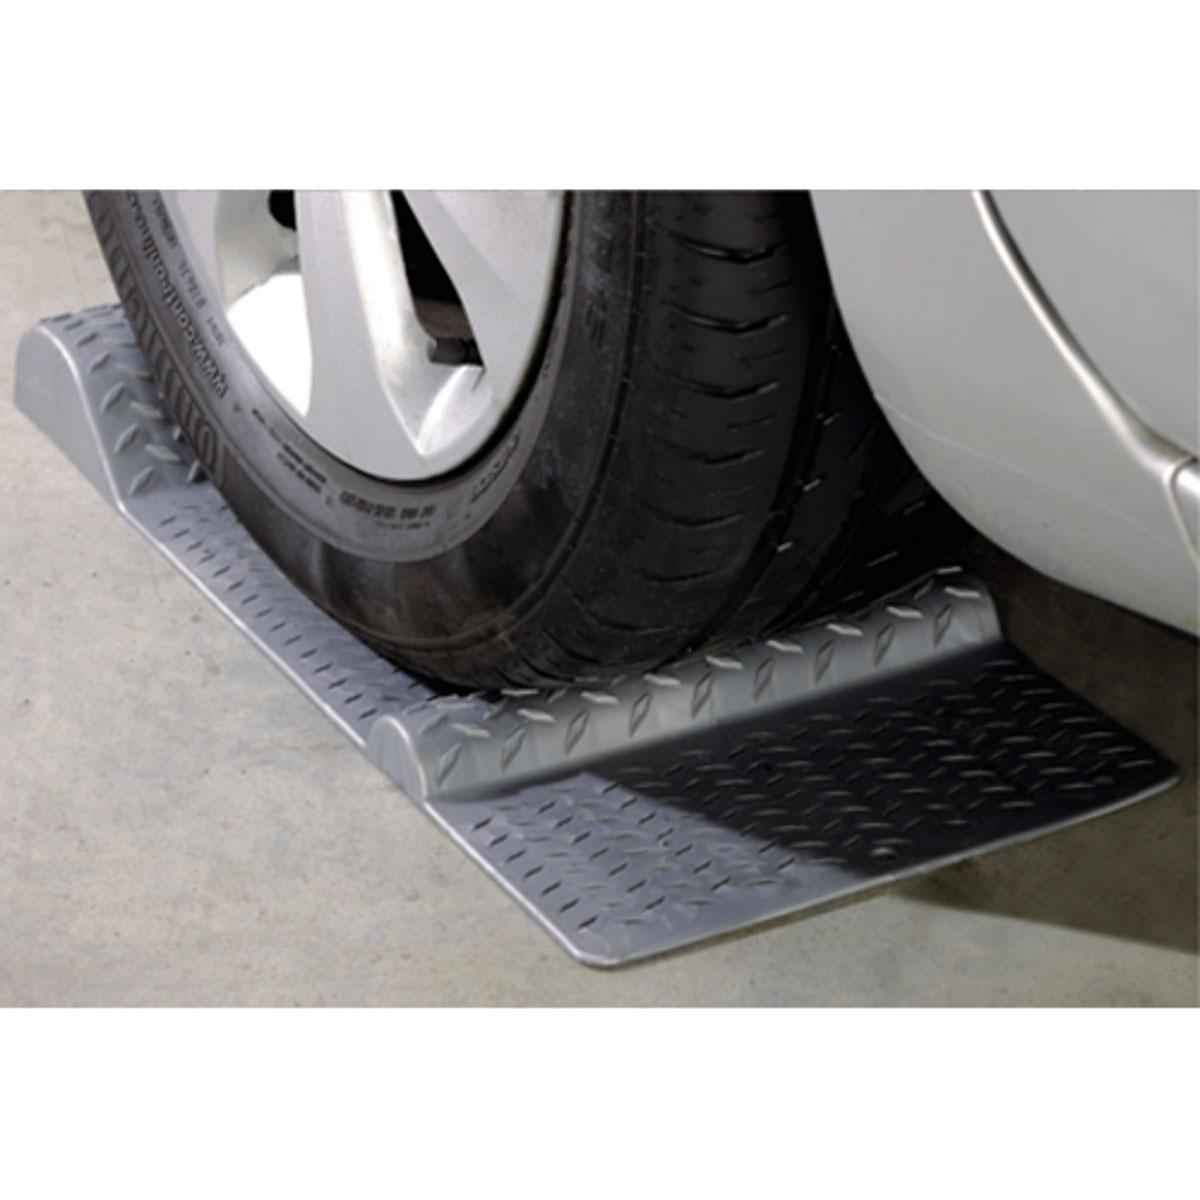 Парковочный стоп-мат под колесо МастерПрофАС.040001Для предотвращения контакта автомобиля с препятствиями и безопасной парковки. Размеры: 52 х 25 х 5 см.